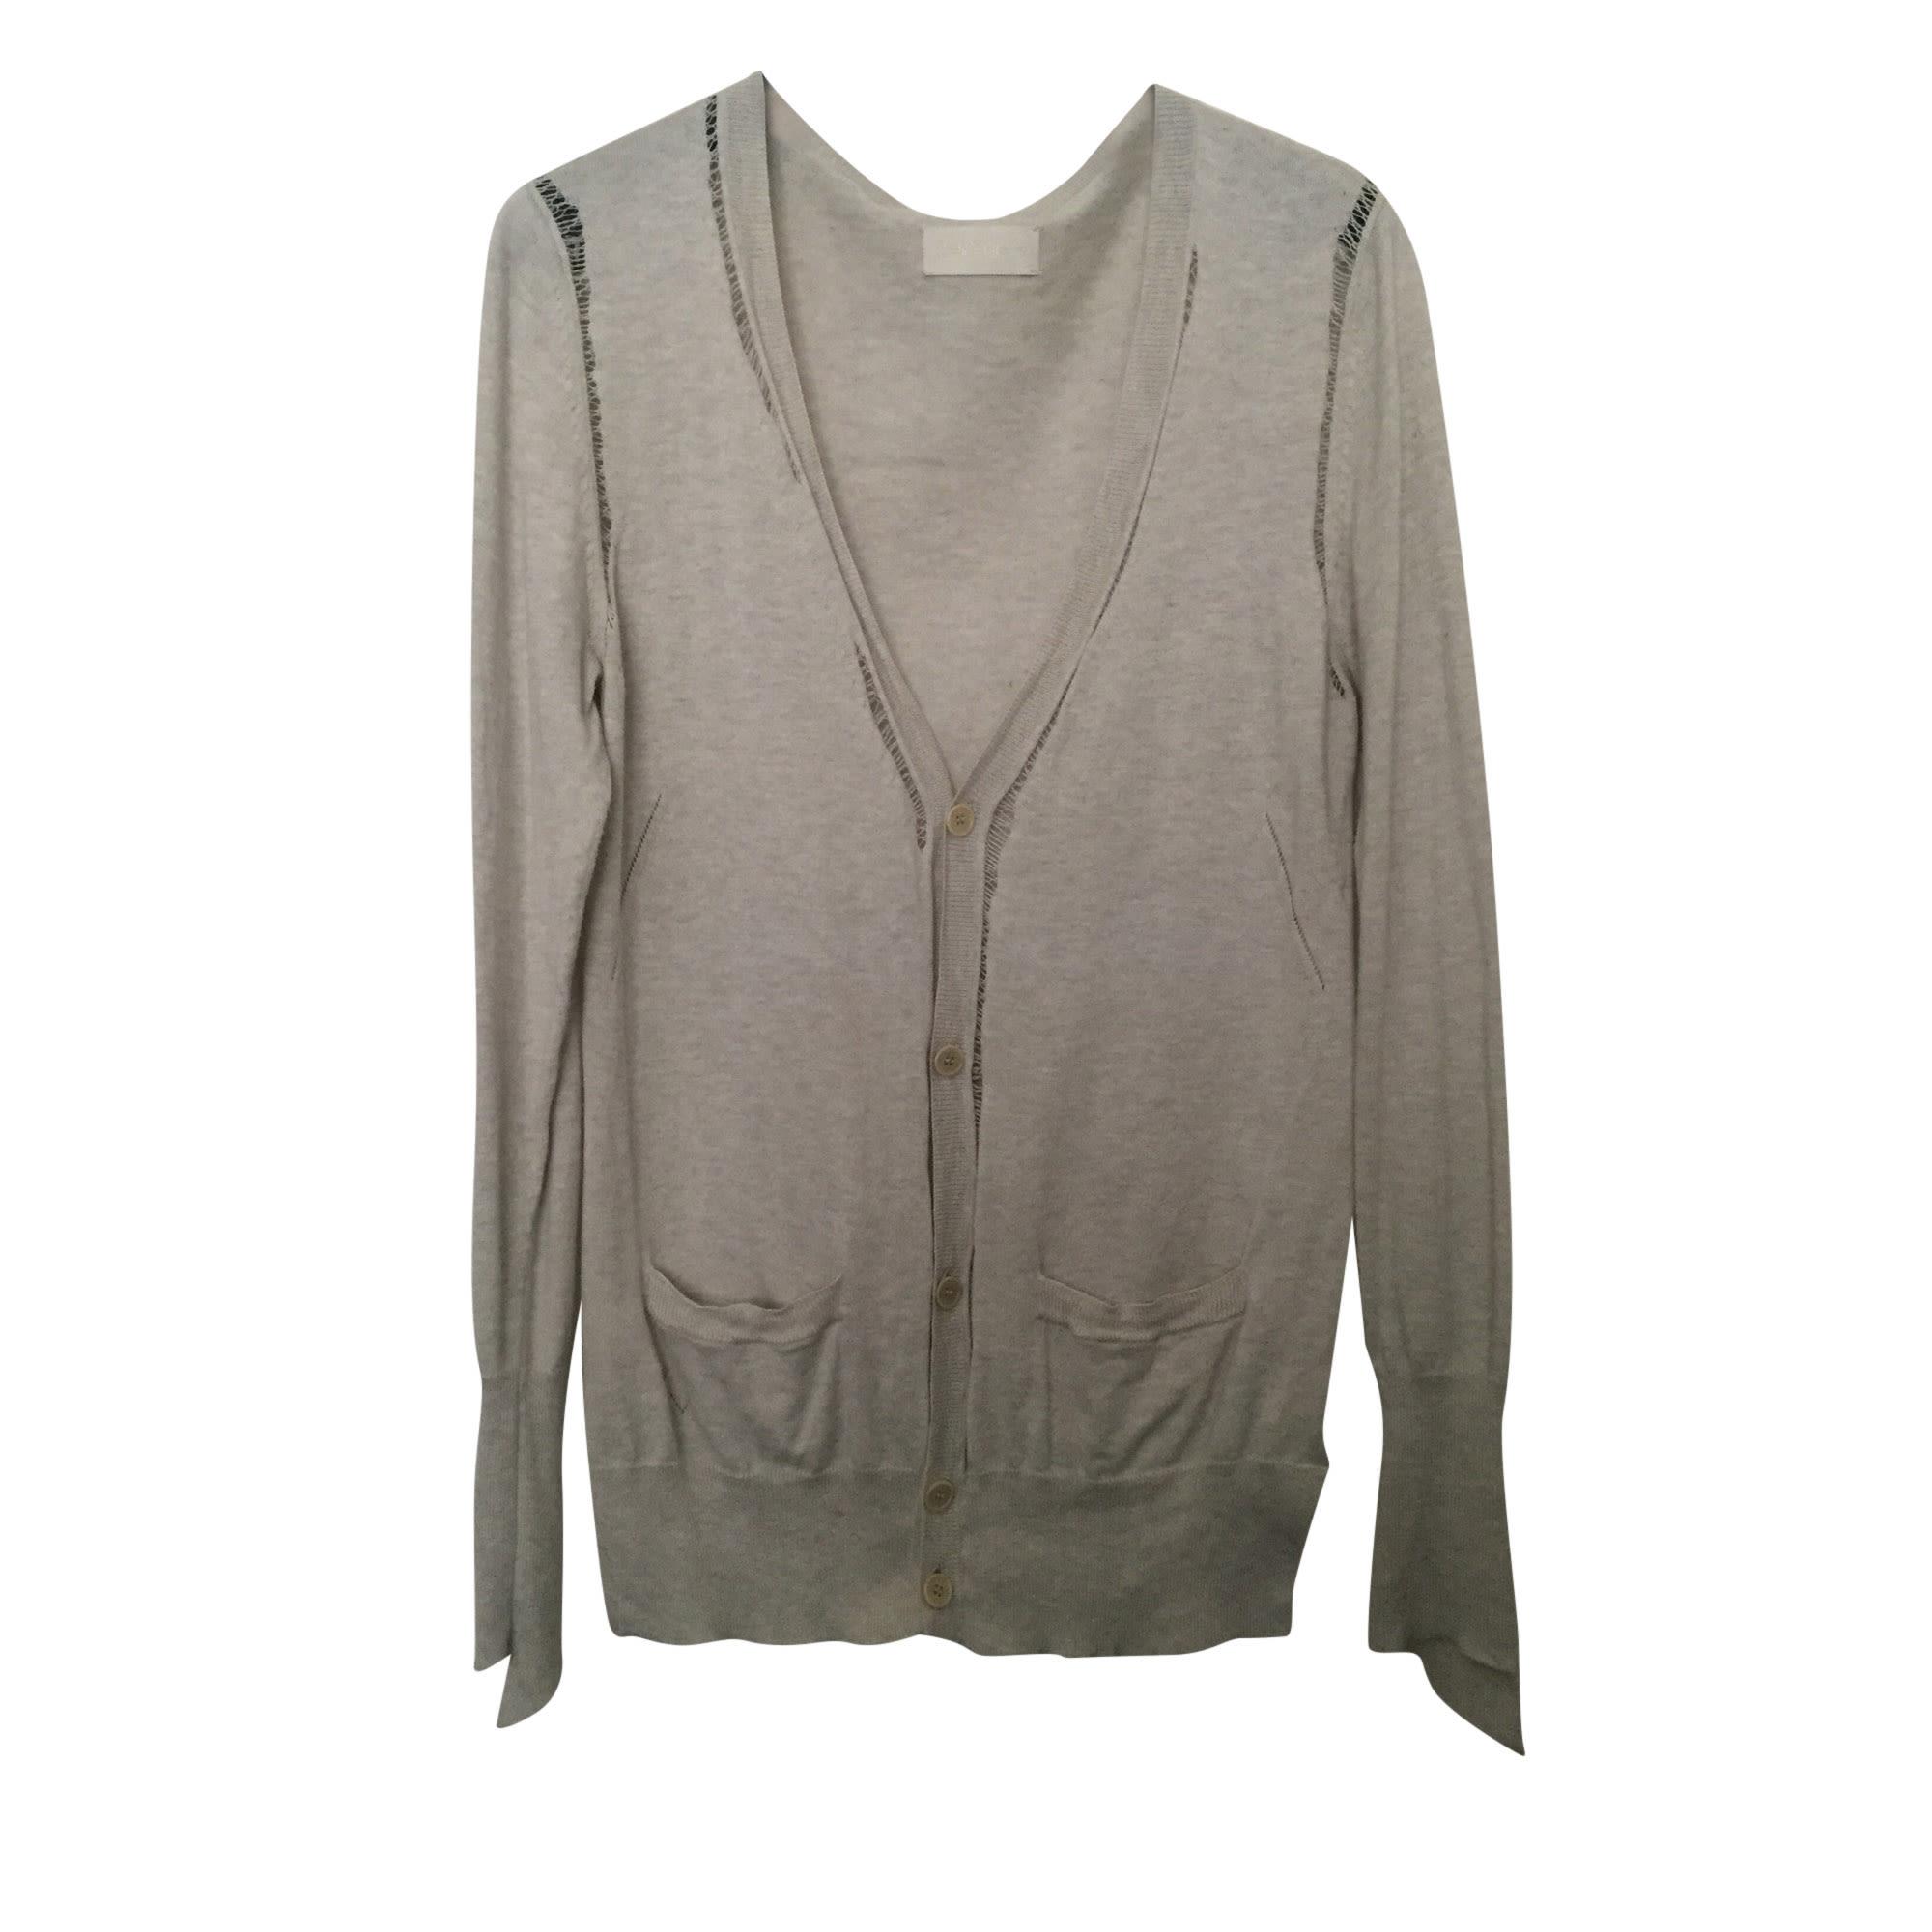 Vest, Cardigan ZADIG & VOLTAIRE Beige, camel